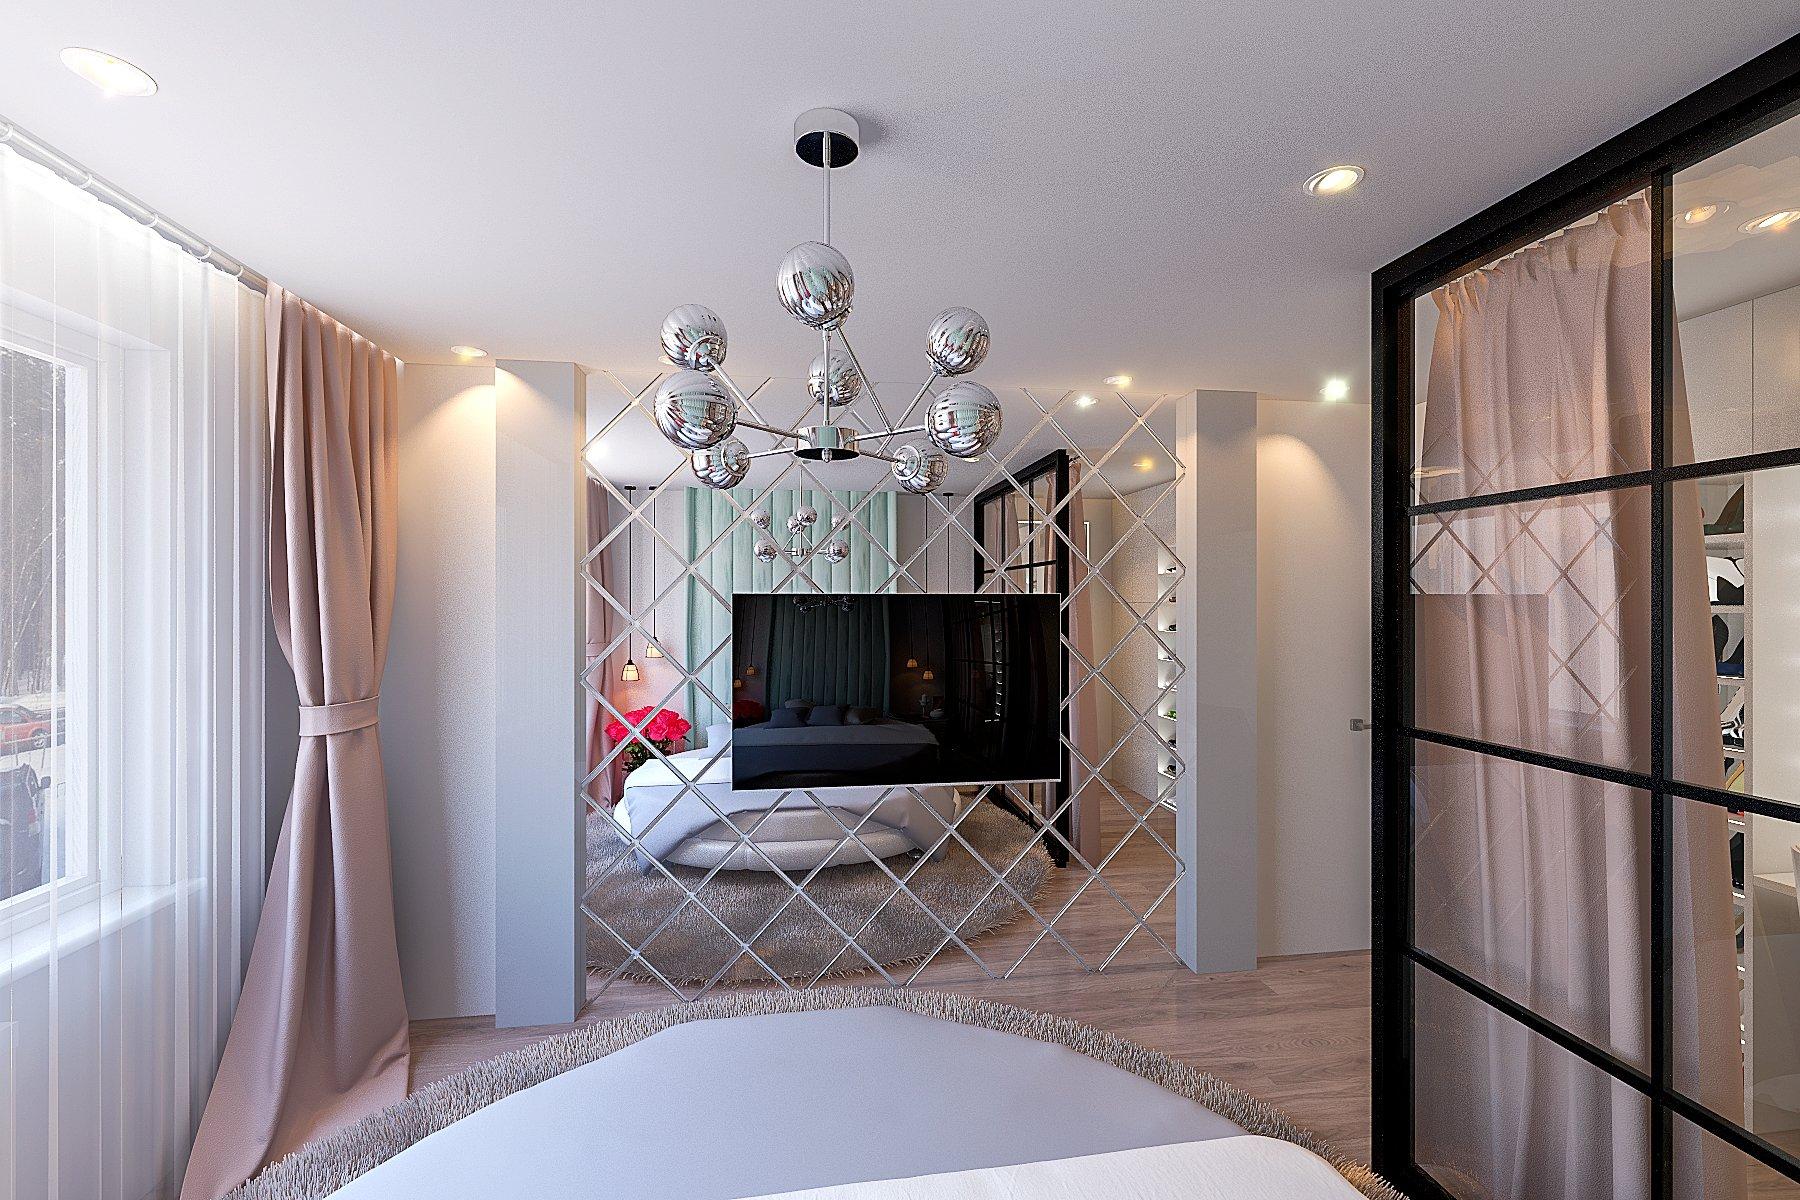 Светлая спальня в современном стиле фото, дизайн, 15 - 16 кв. м., шторы и тюль с подсветкой, зеленая обивка изголовья, люстра 8 лампочек, зеркало напротив кровати, вид 3